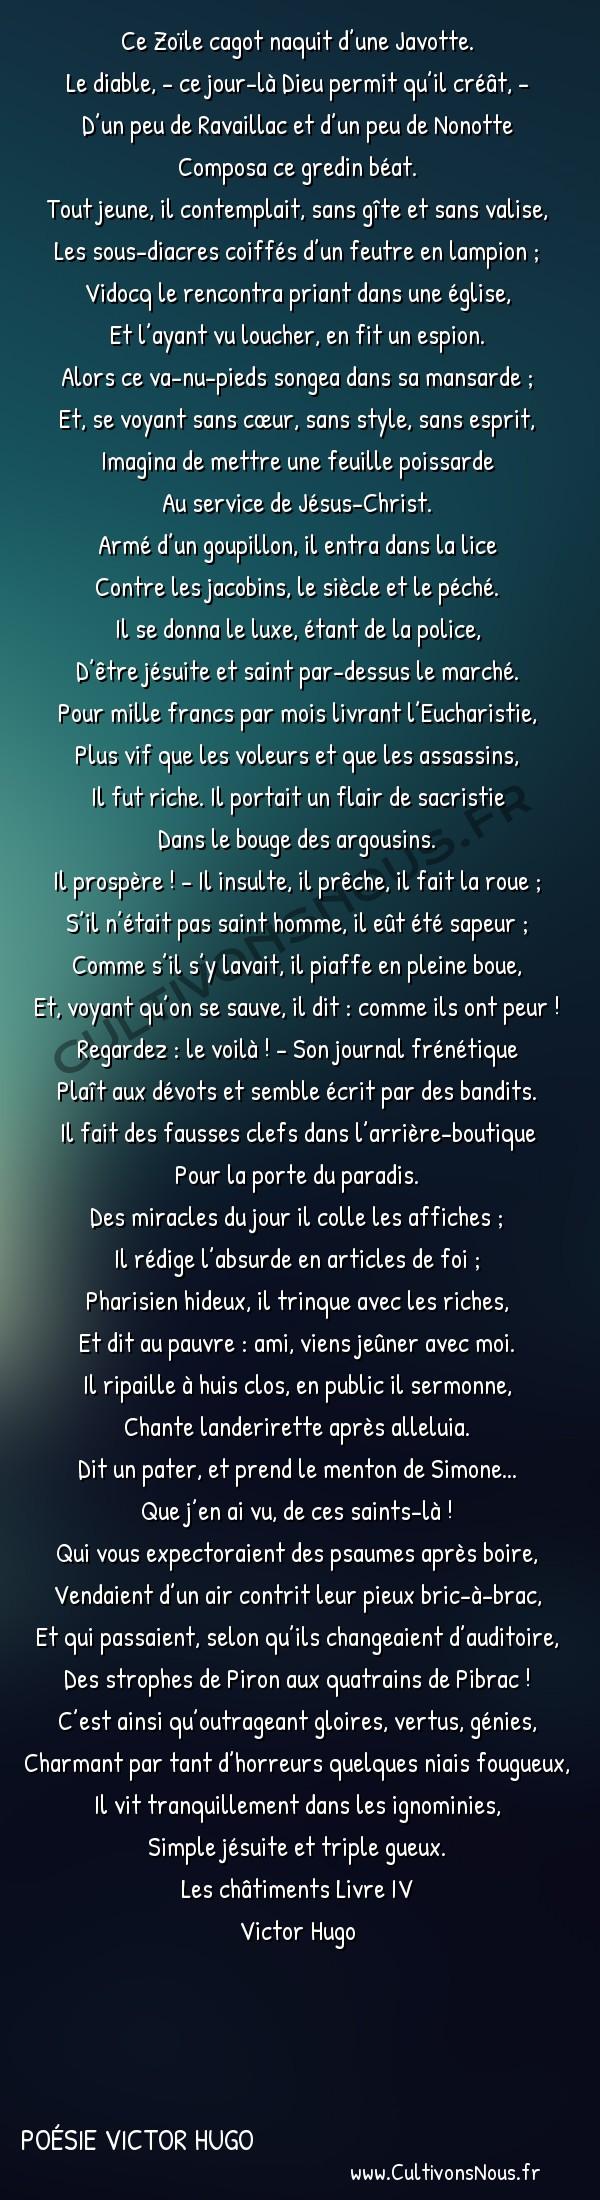 Poésie Victor Hugo - Les châtiments Livre IV - Un autre -  Ce Zoïle cagot naquit d'une Javotte. Le diable, - ce jour-là Dieu permit qu'il créât, -